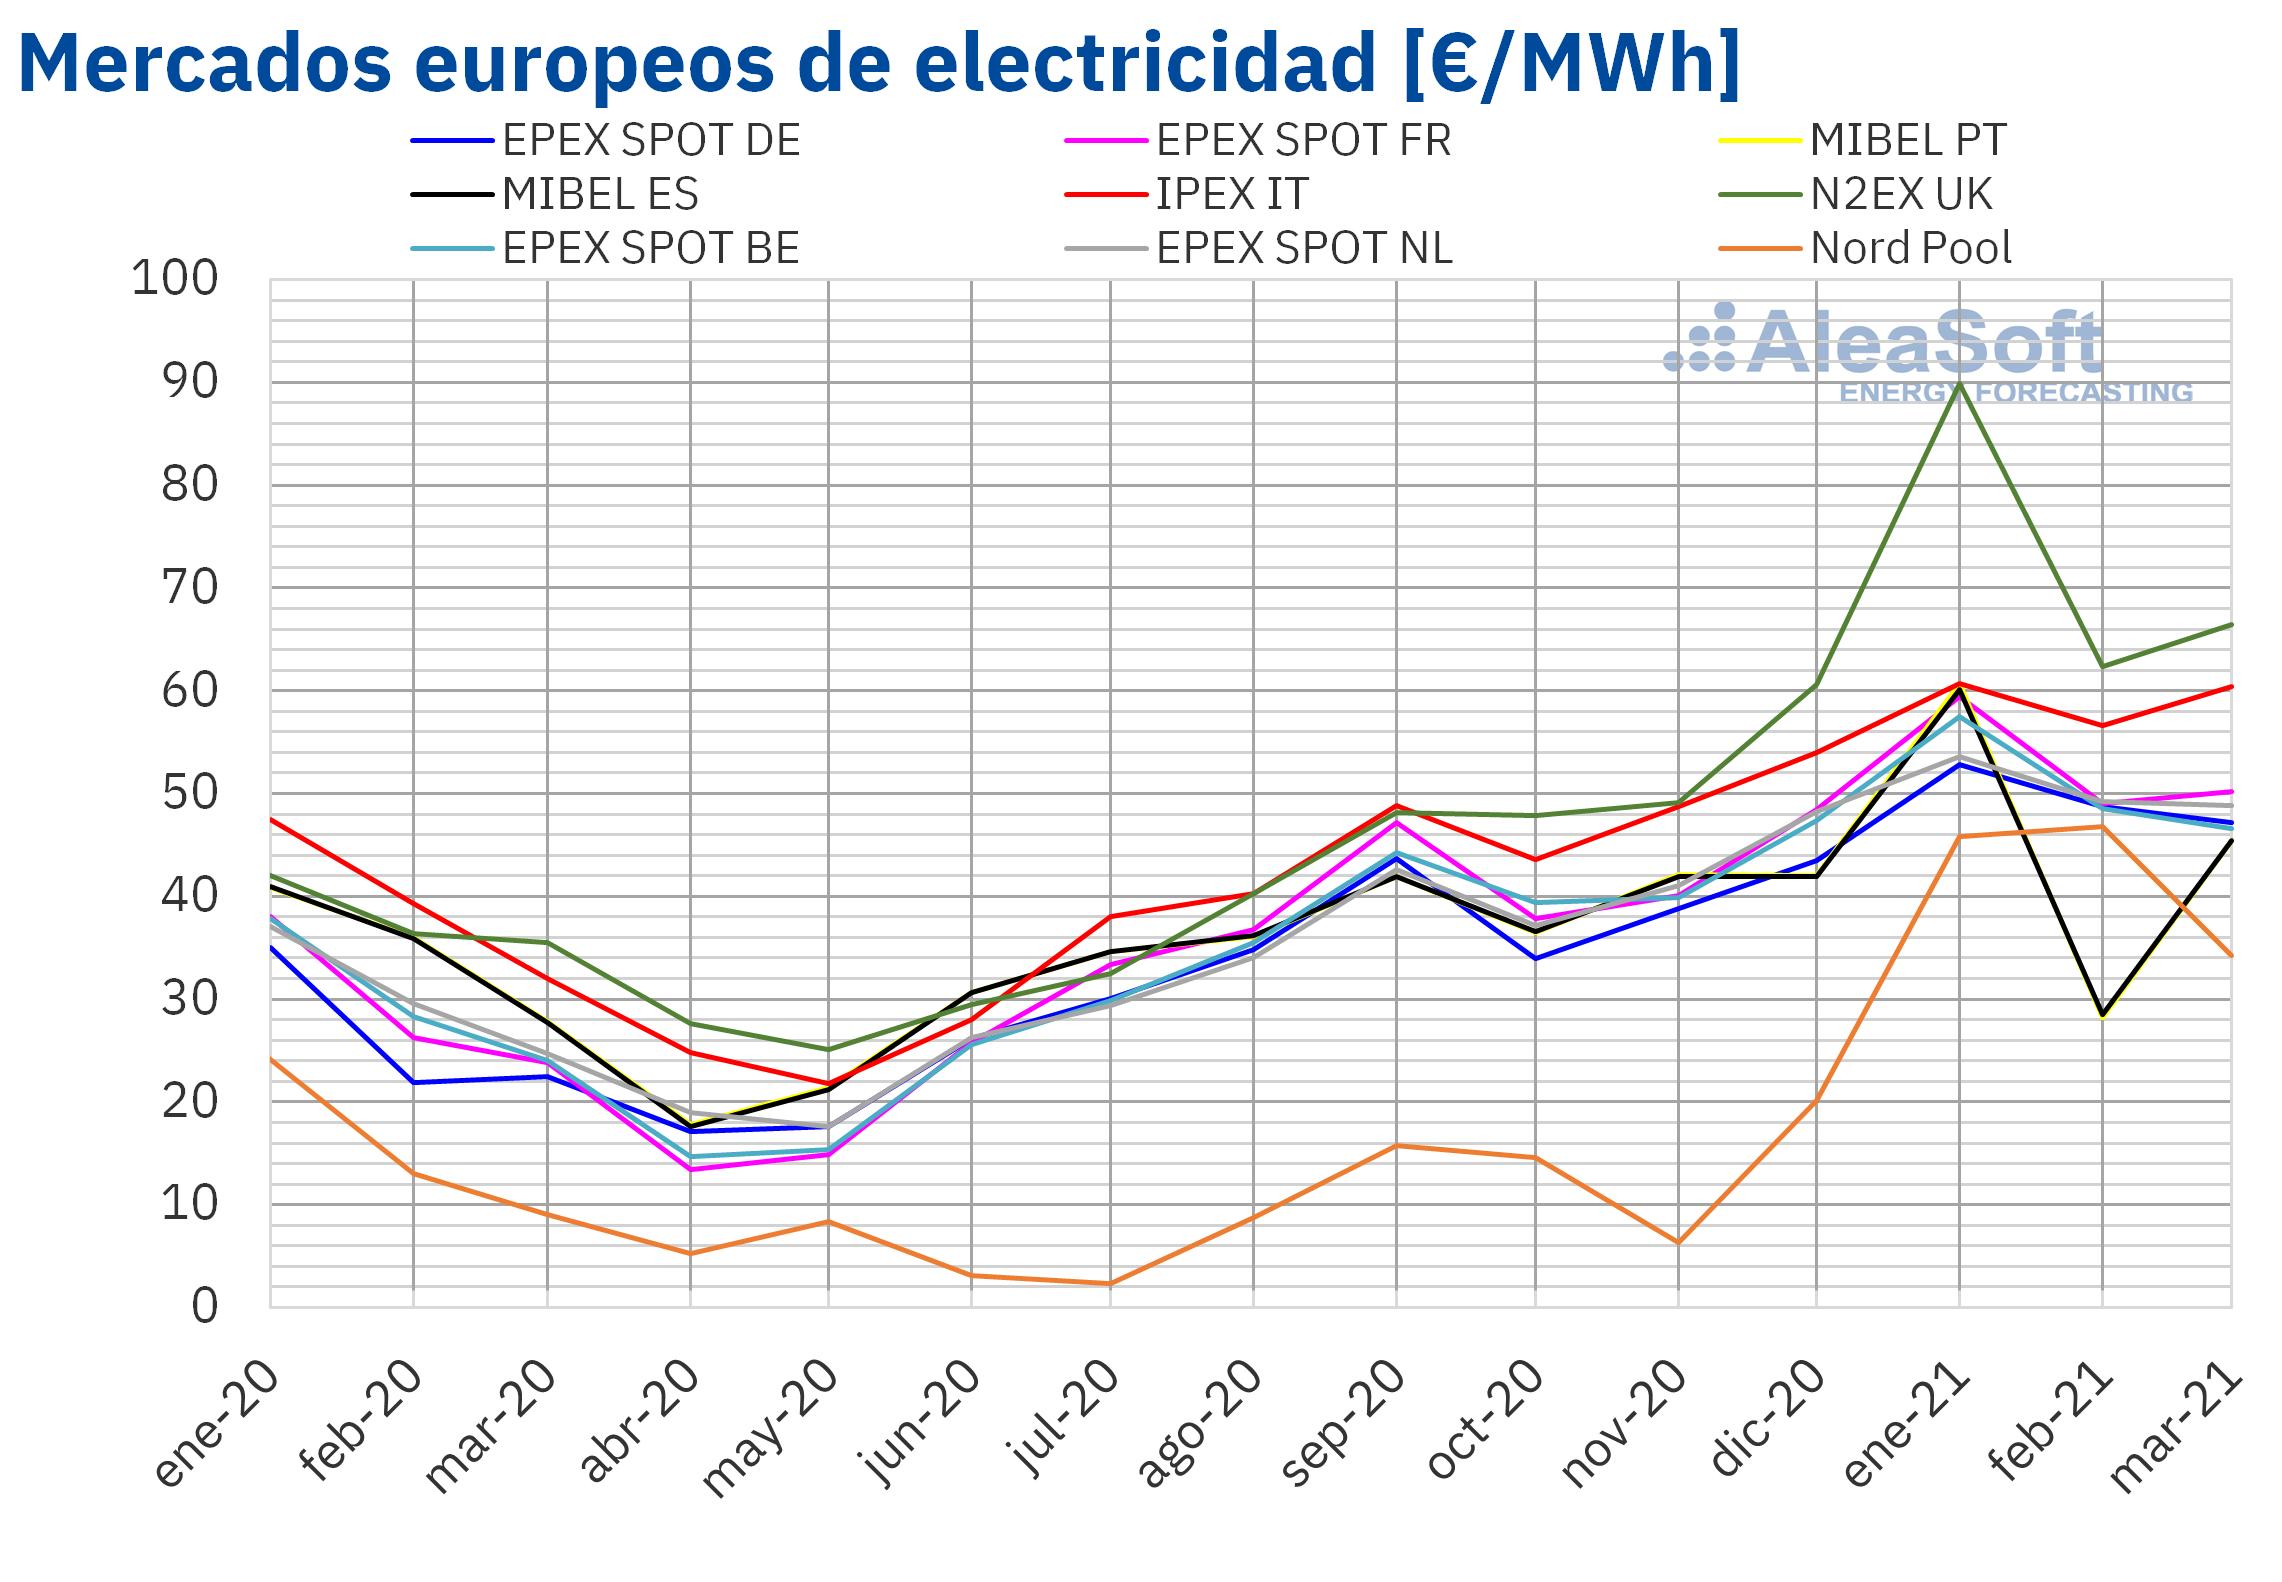 AleaSoft: Filomena, el gas y el CO2 llevan los precios del primer trimestre a niveles pre COVID 19